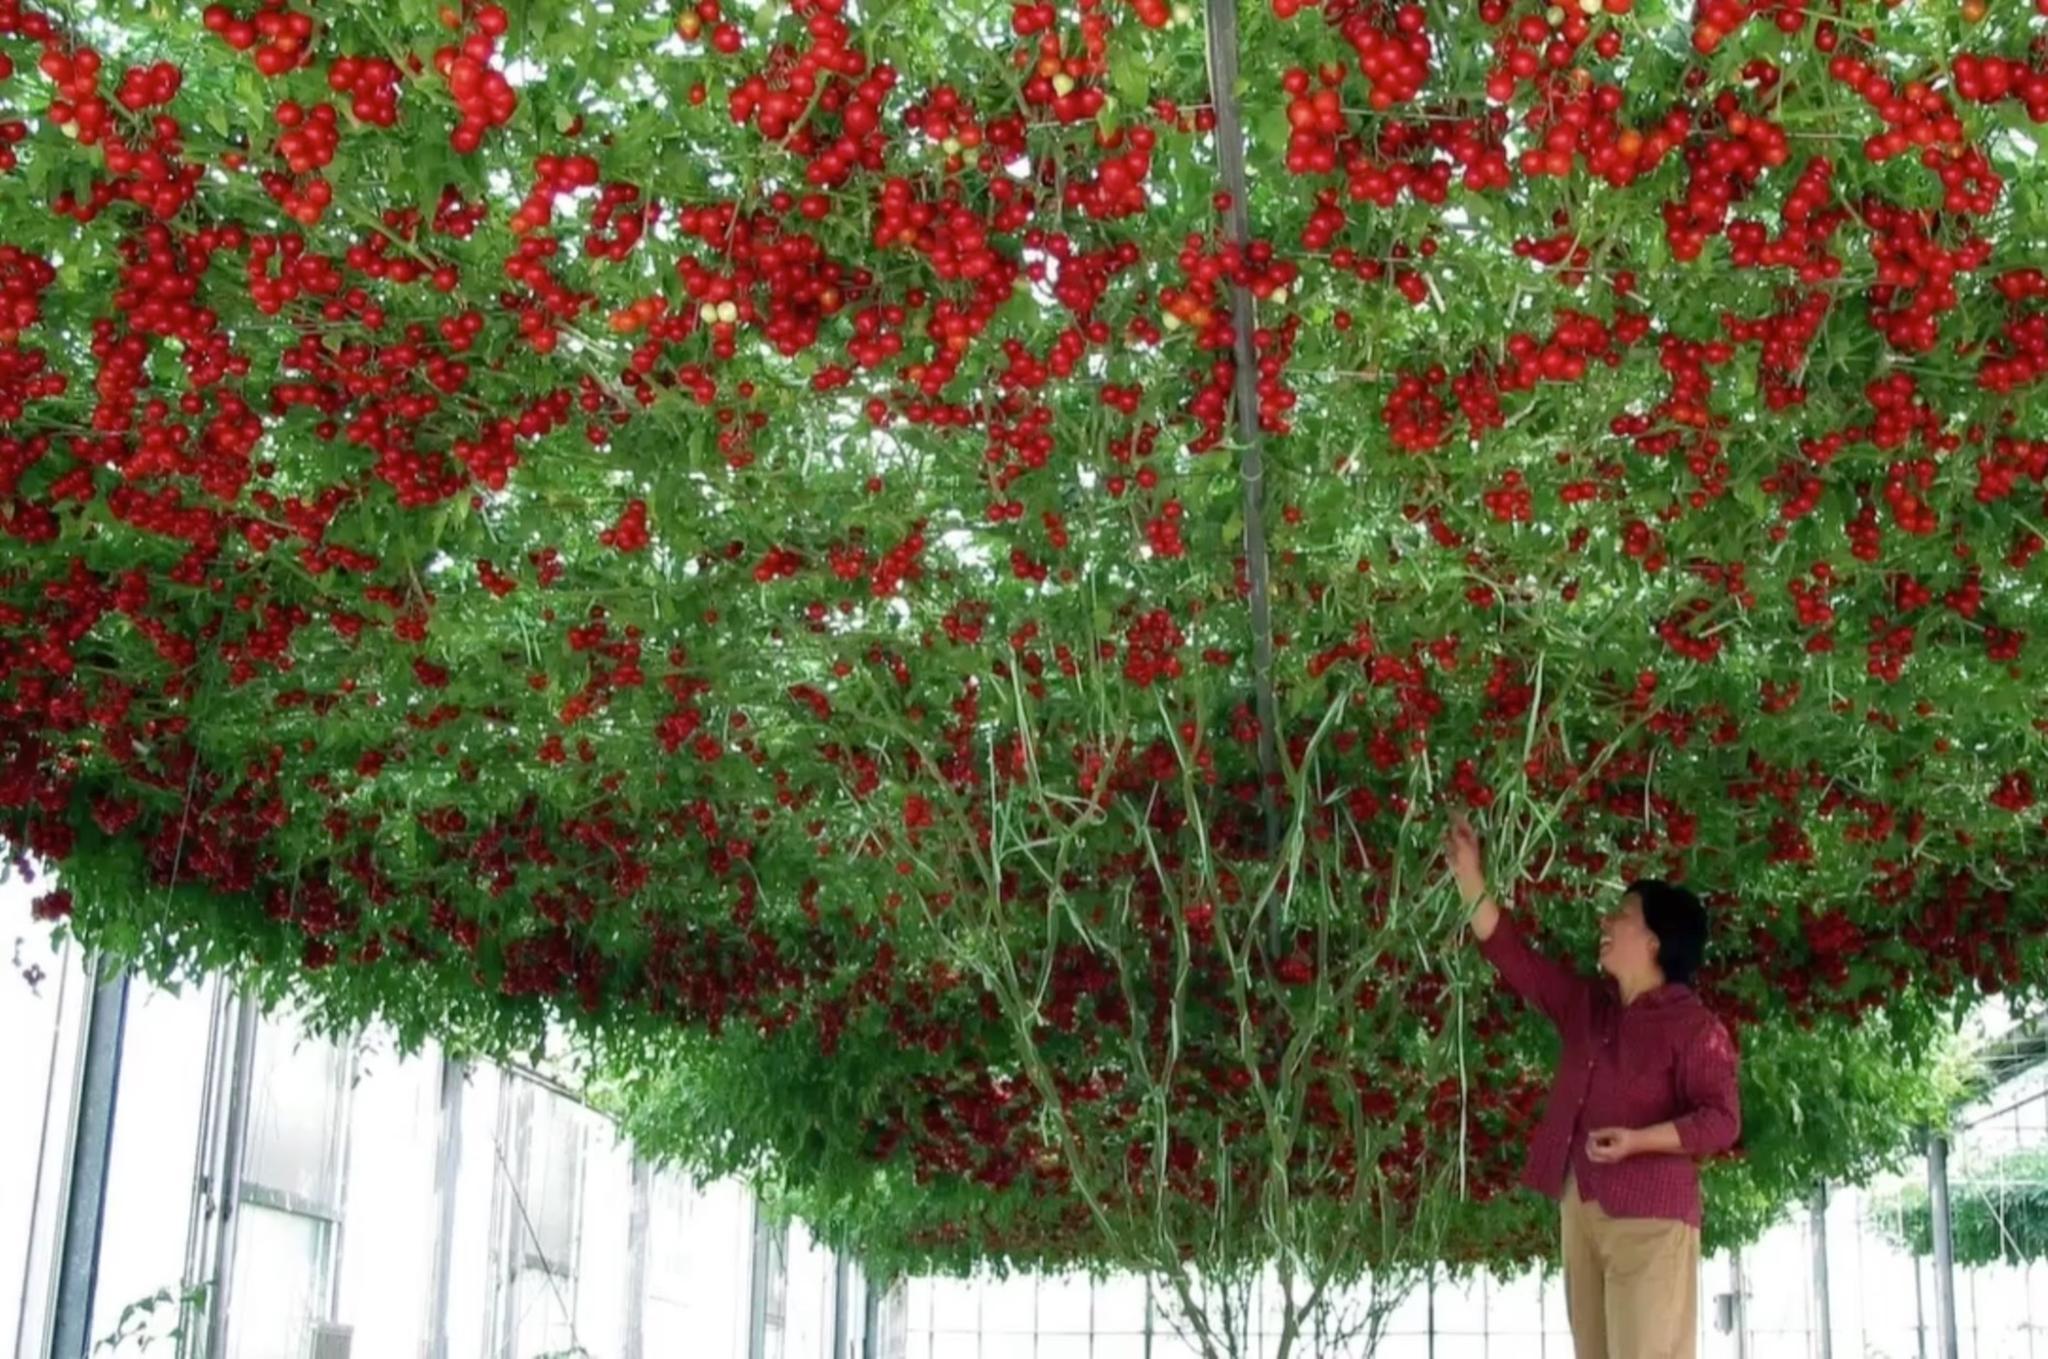 Octopus Tree An Diesem Baum Wachsen 32000 Tomaten Im Jahr Rekord